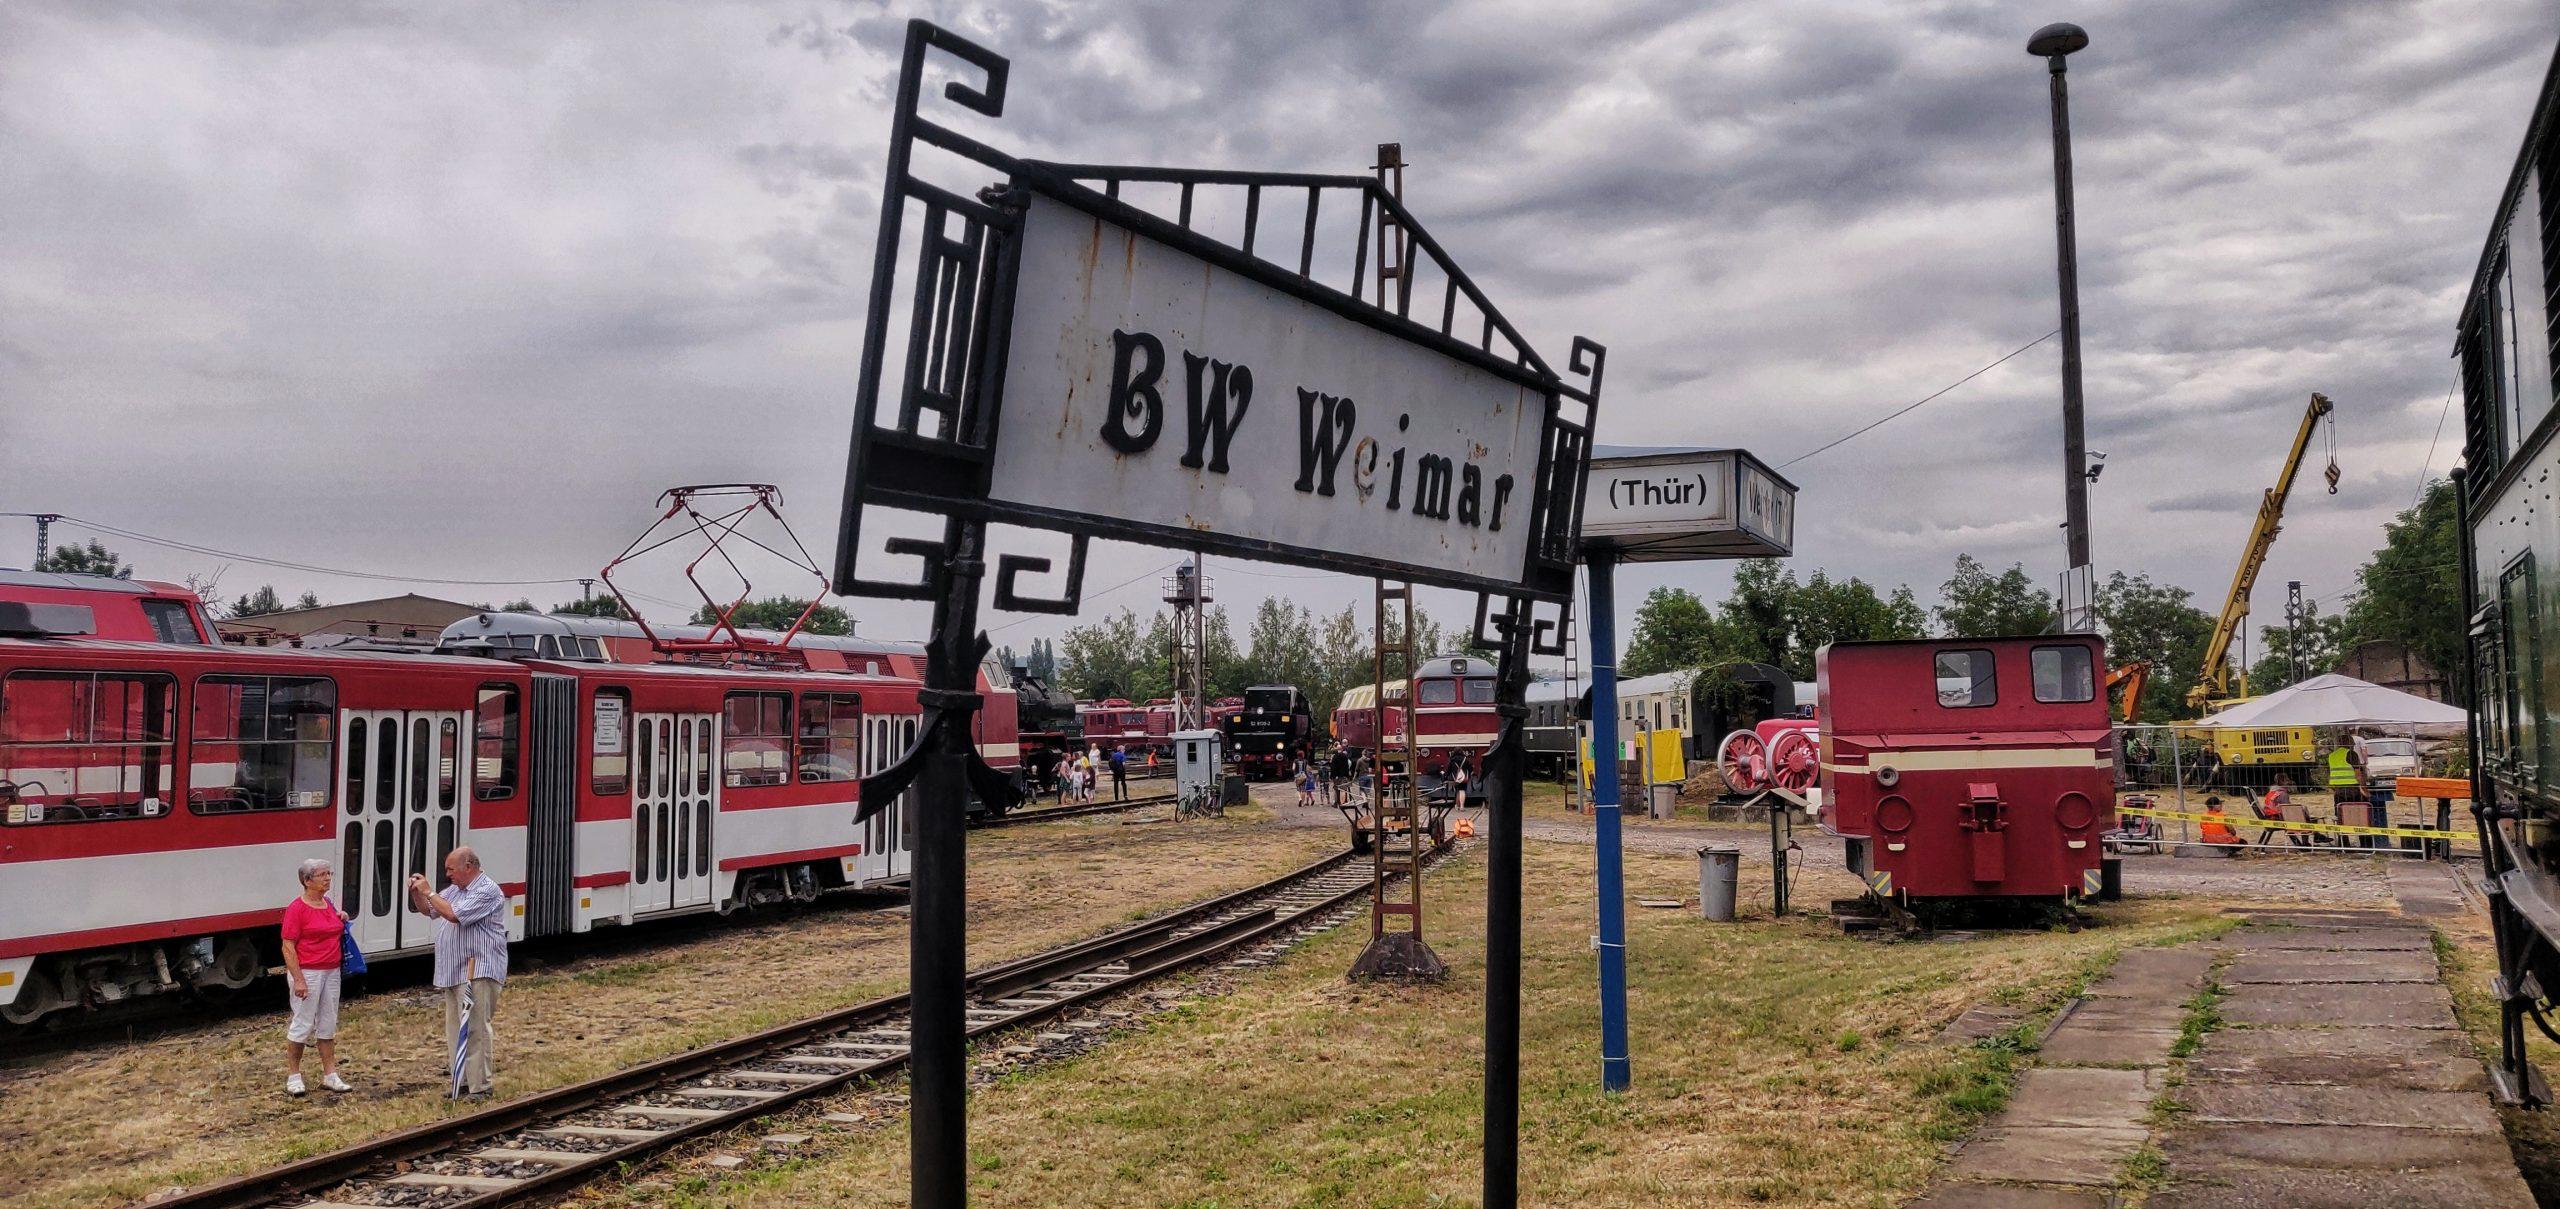 ©Foto: Christian Wörpel | railmen | Eingang vom Eisenbahnmuseum Weimar